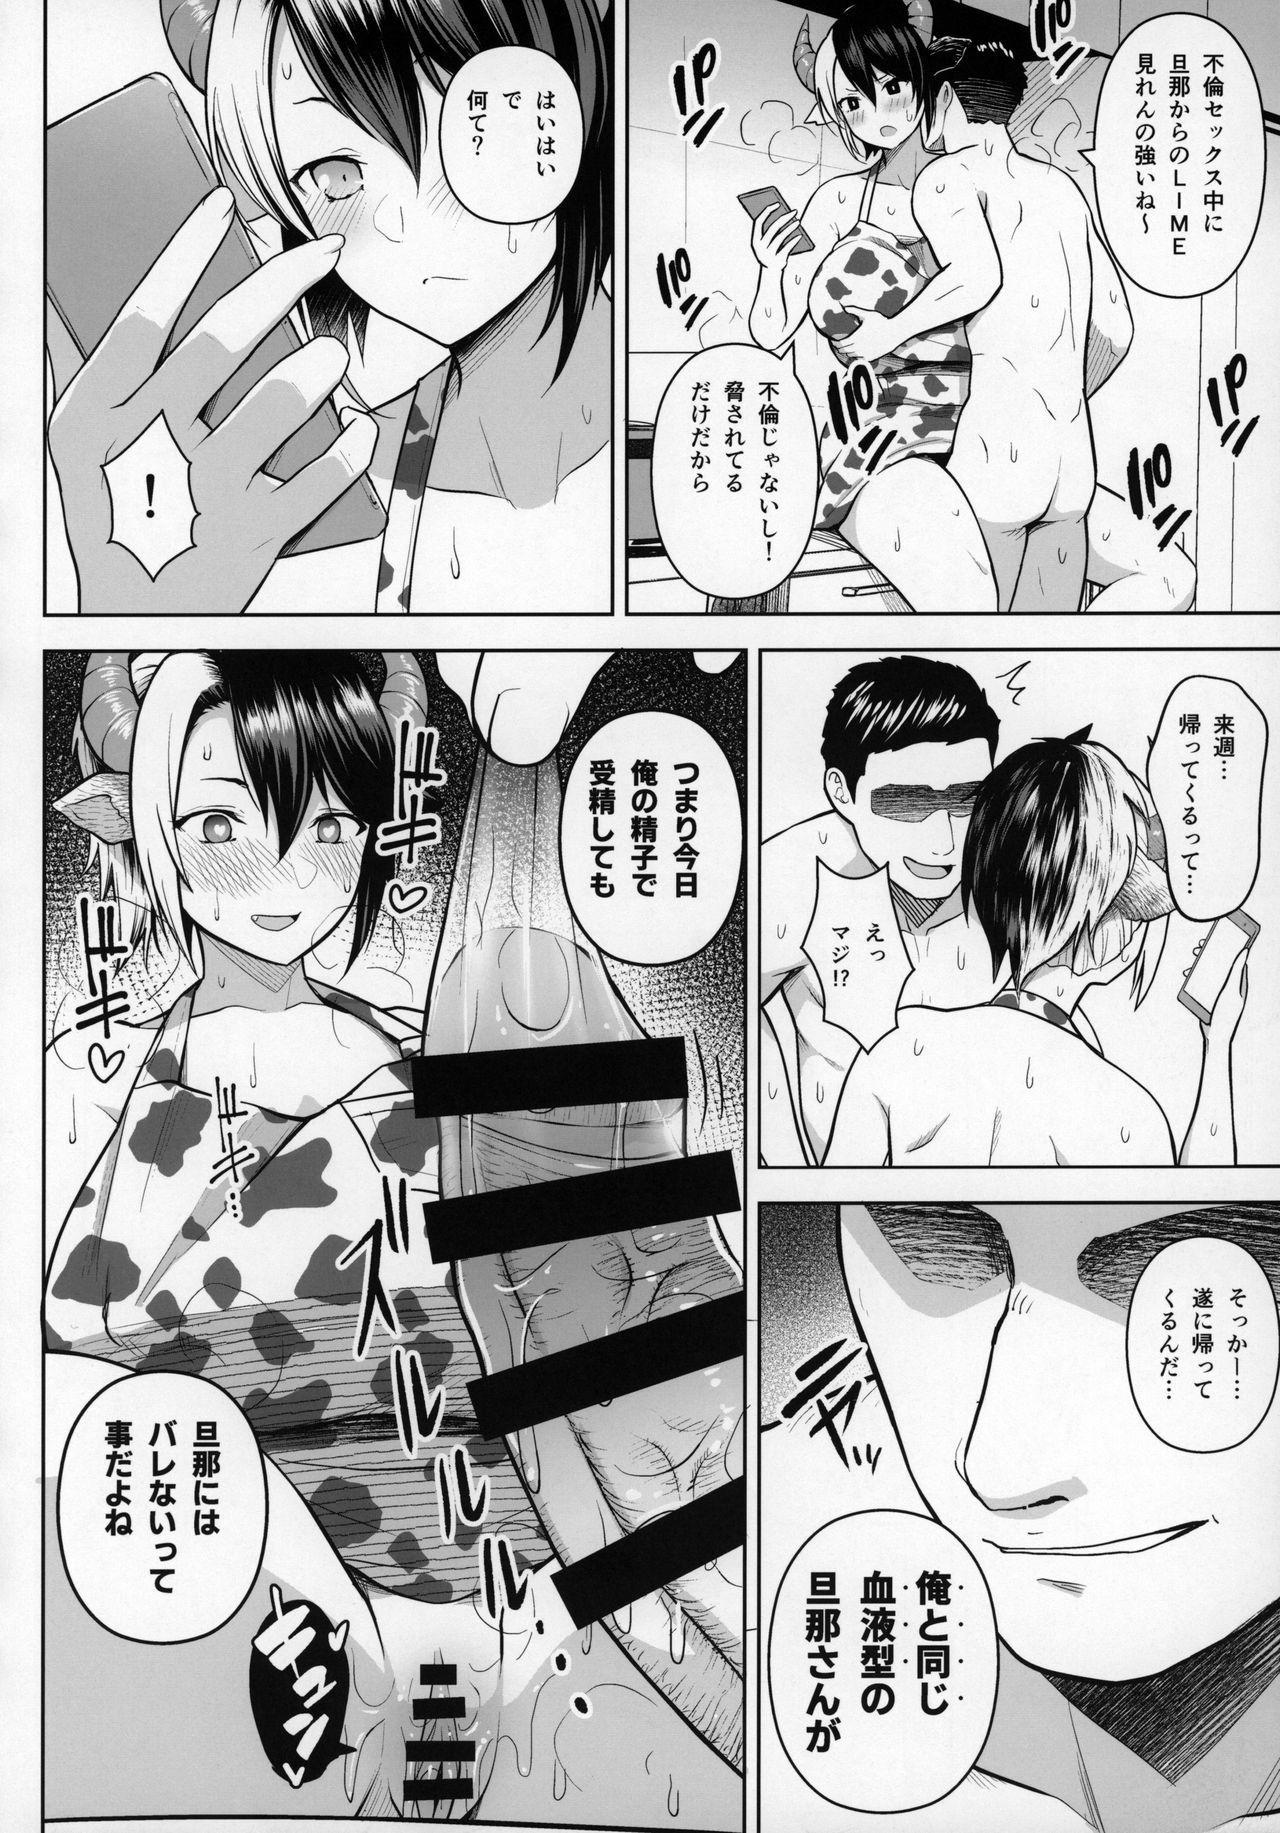 Oku-san no Oppai ga Dekasugiru no ga Warui! 2 26